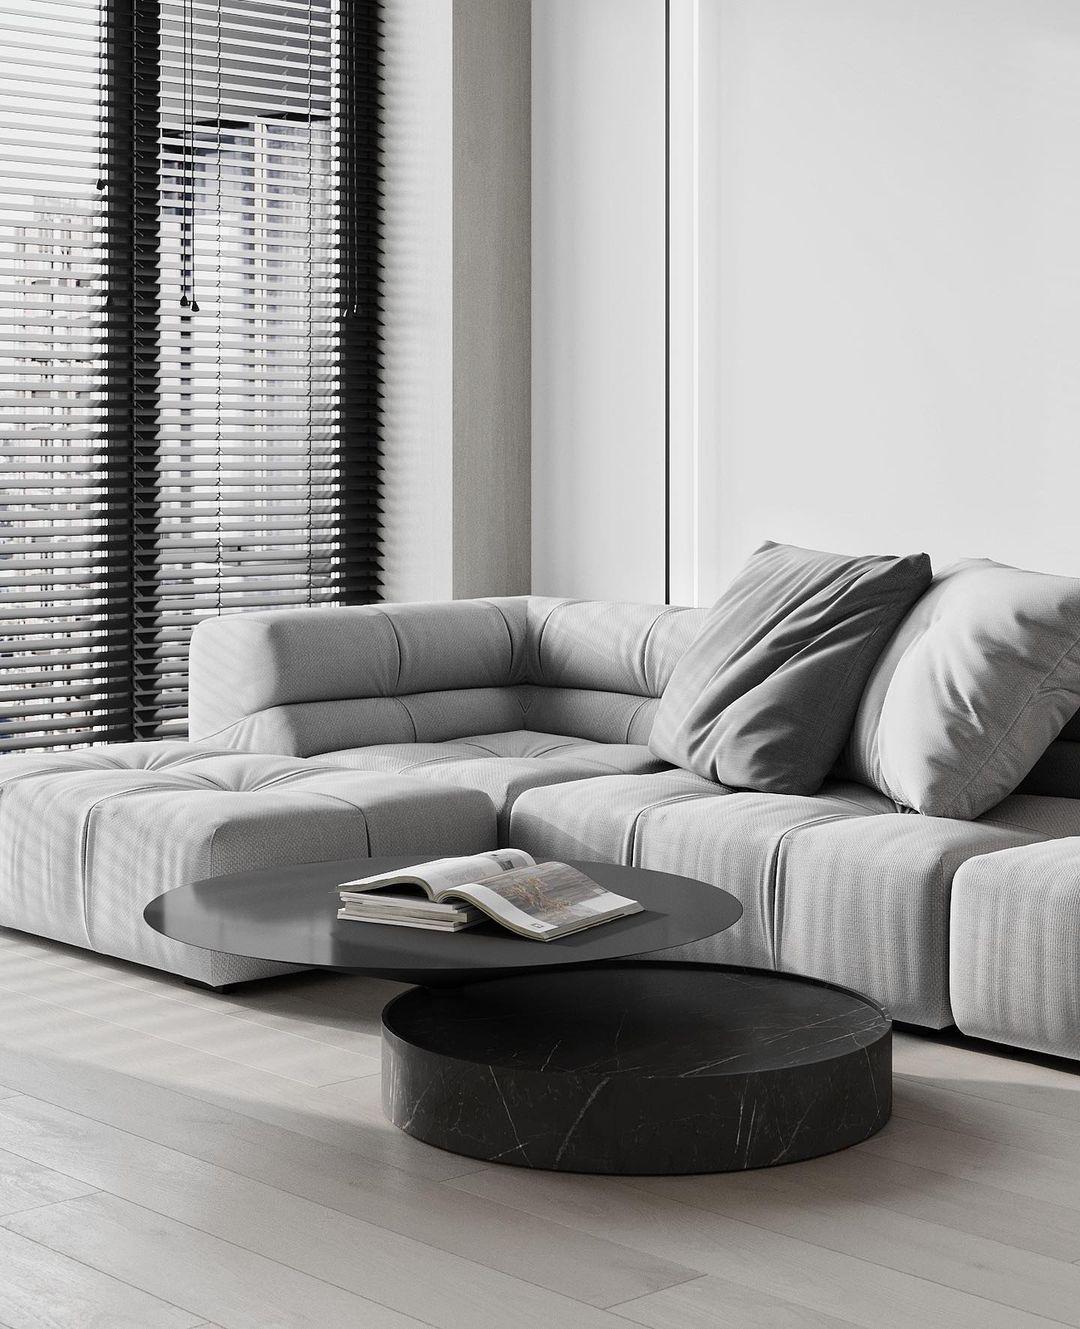 极简主义空间:干净、简约、质朴之间取得平衡 | NEENDESIGN 尼恩设计